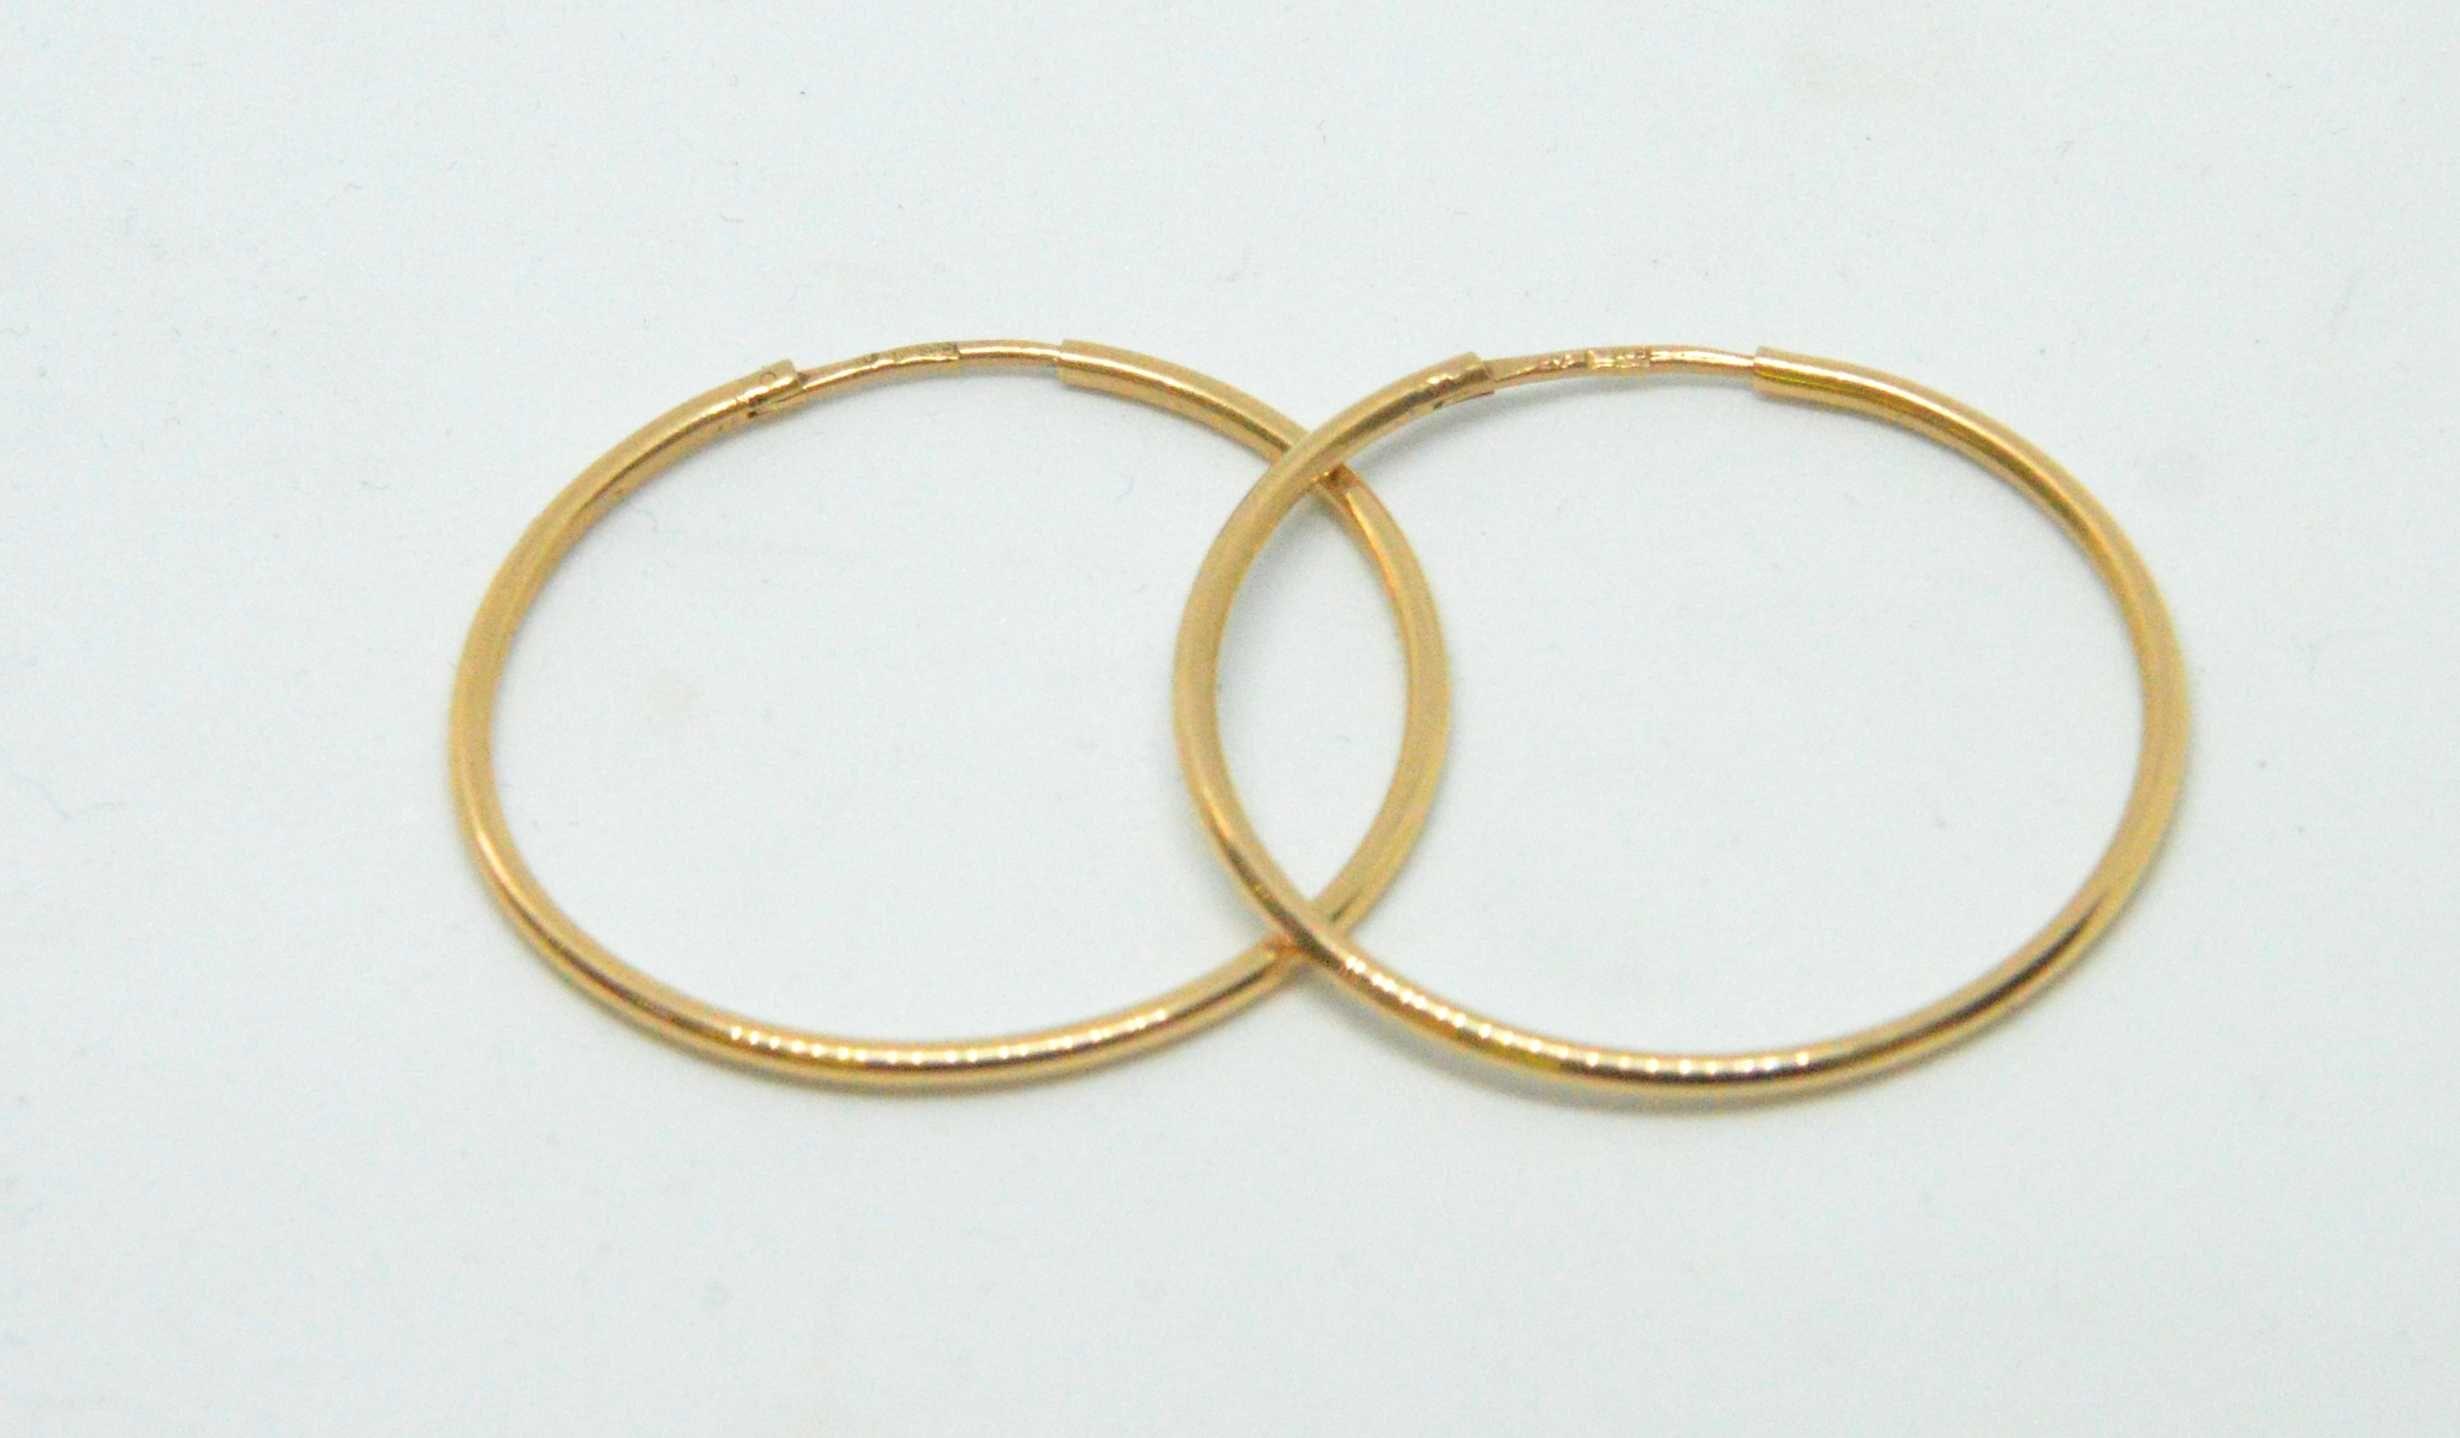 Kolczyki złote 585 koła waga 3,87g średnica 32mm Lombard Tarnów